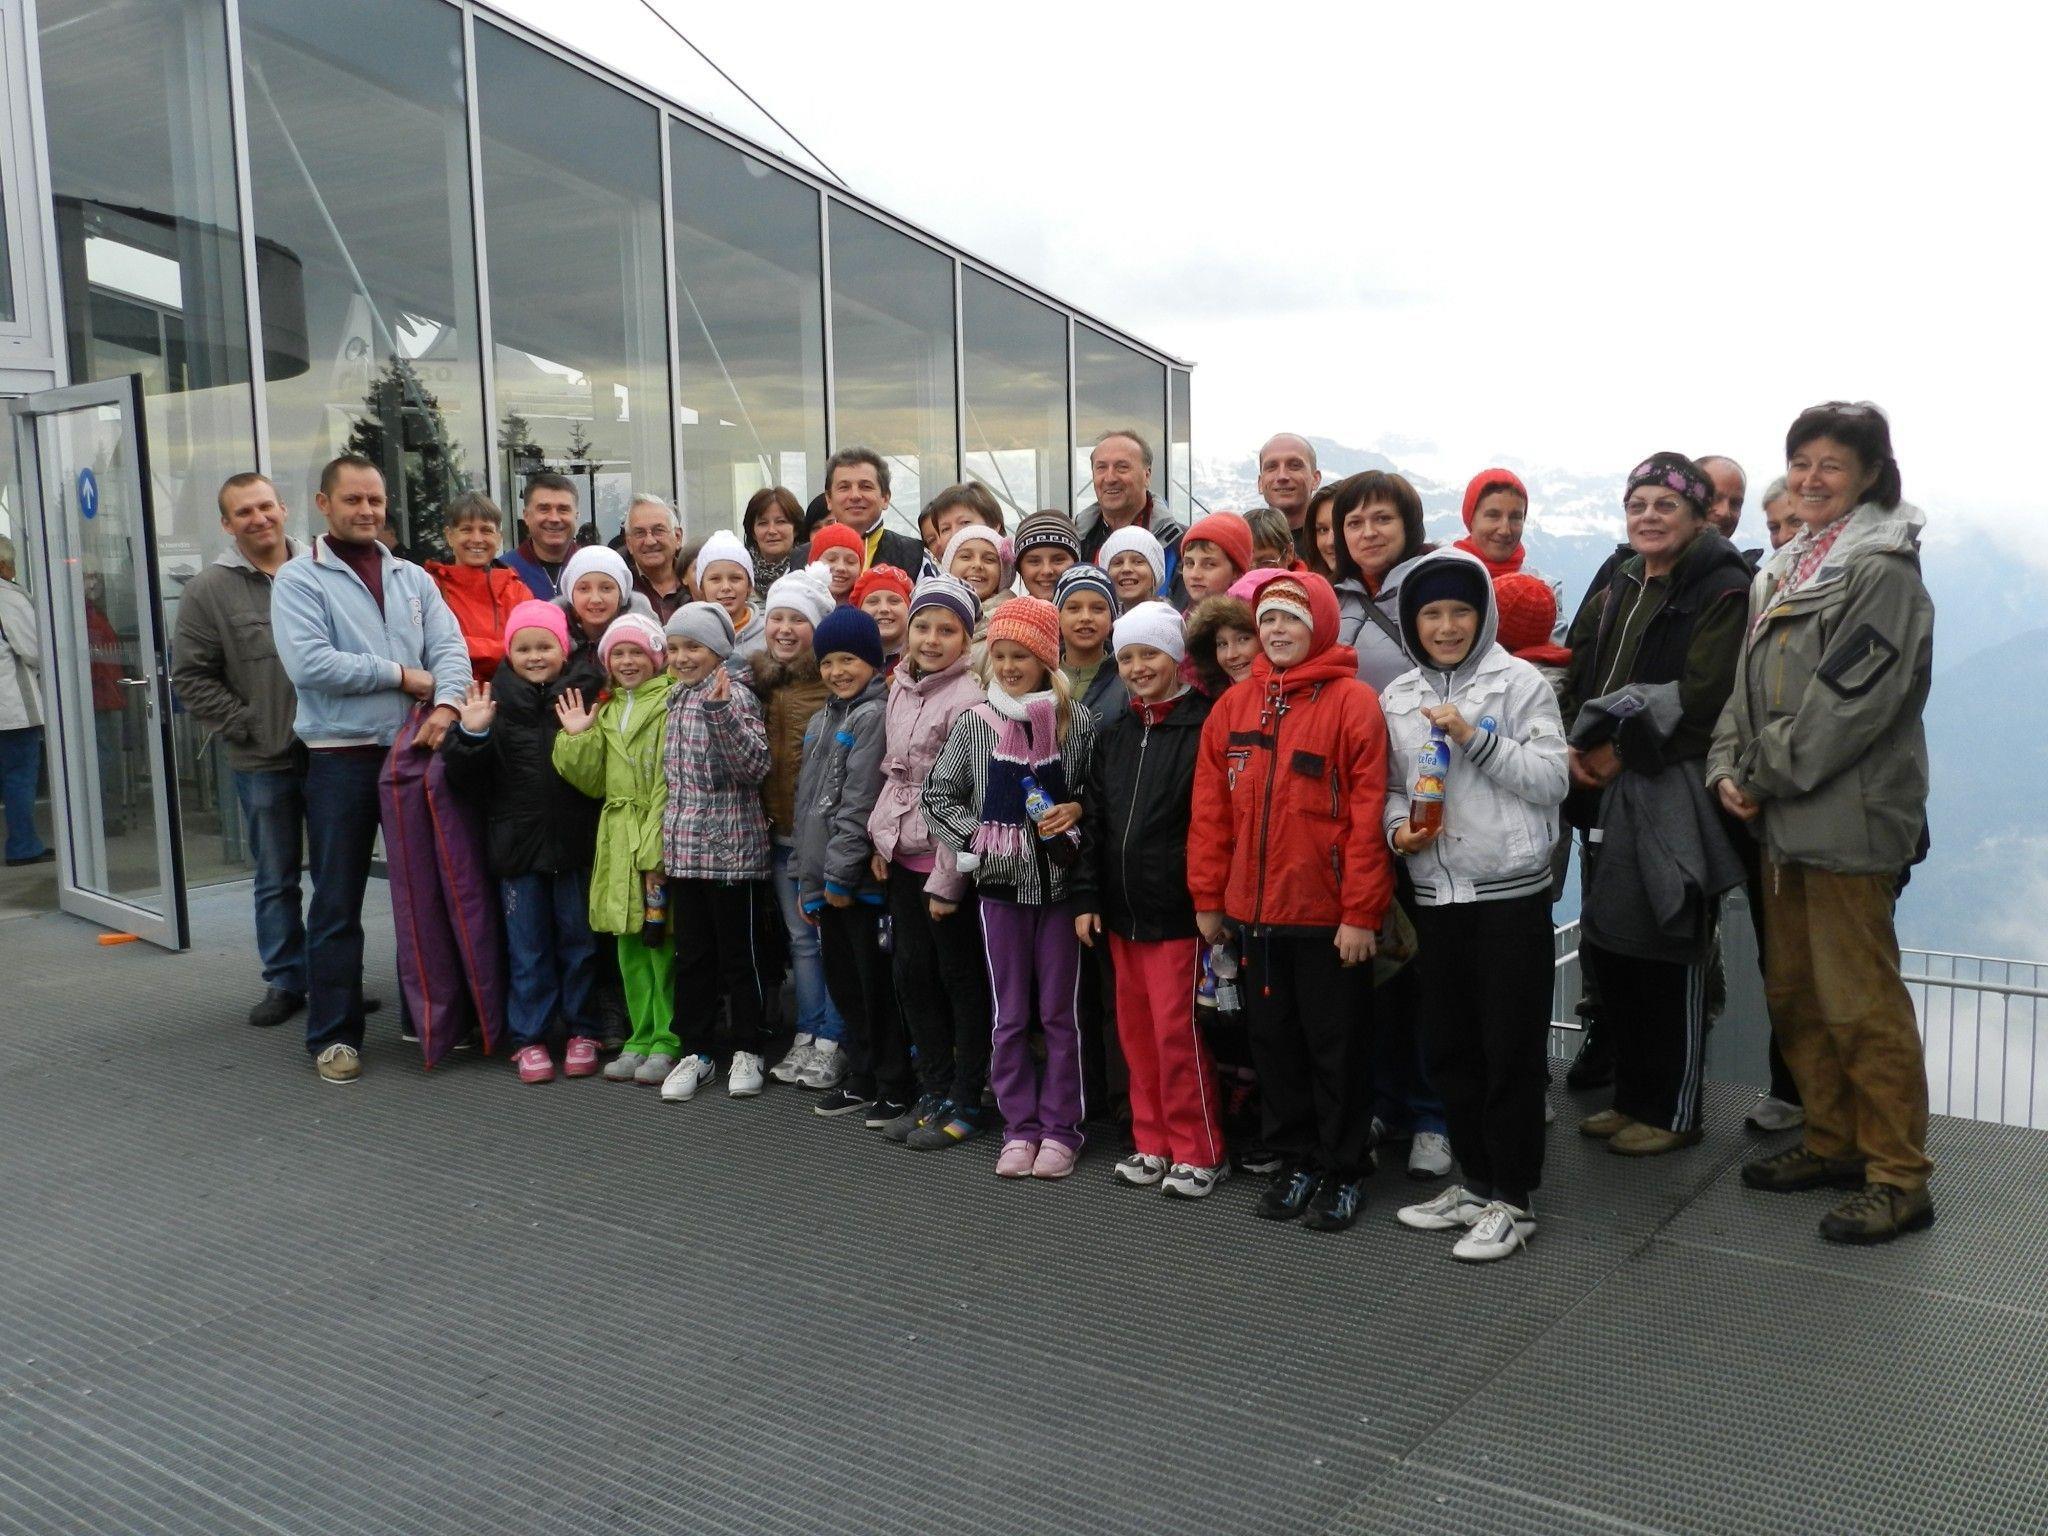 Kindergruppe aus der Region um Tschernobyl mit Begleitern